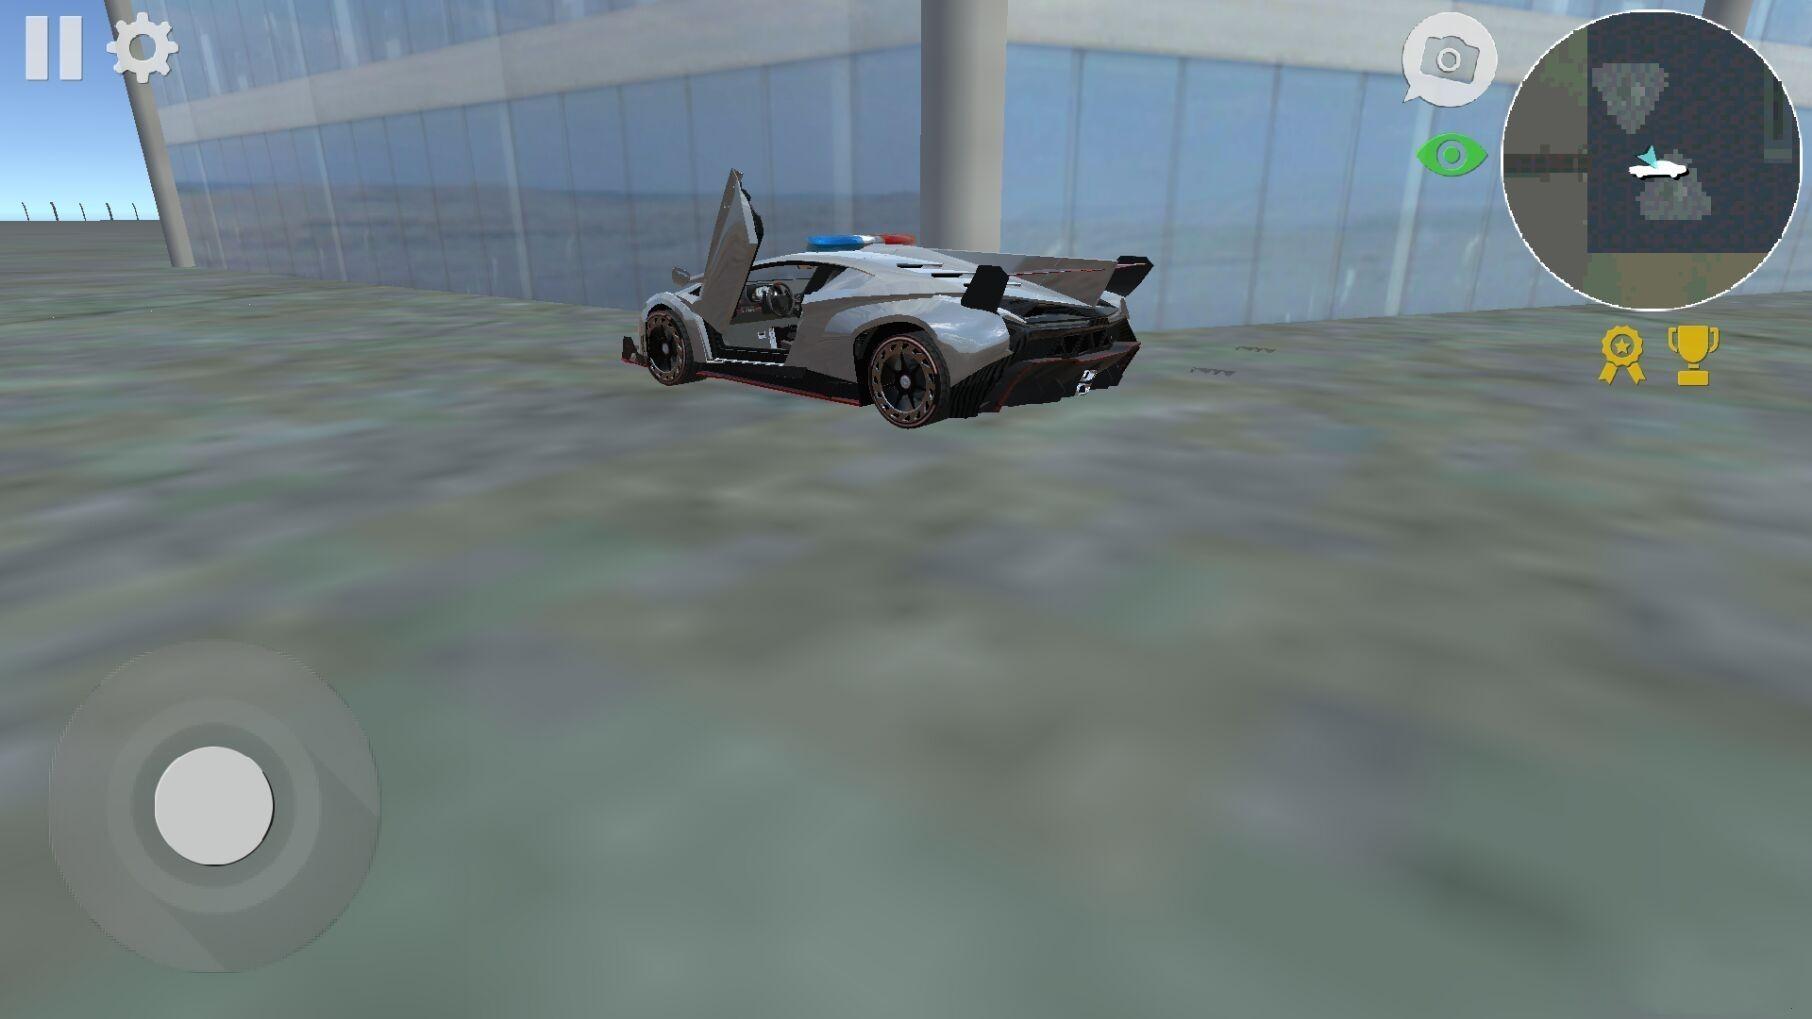 兰博汽车模拟器官方中文版下载正版图2: